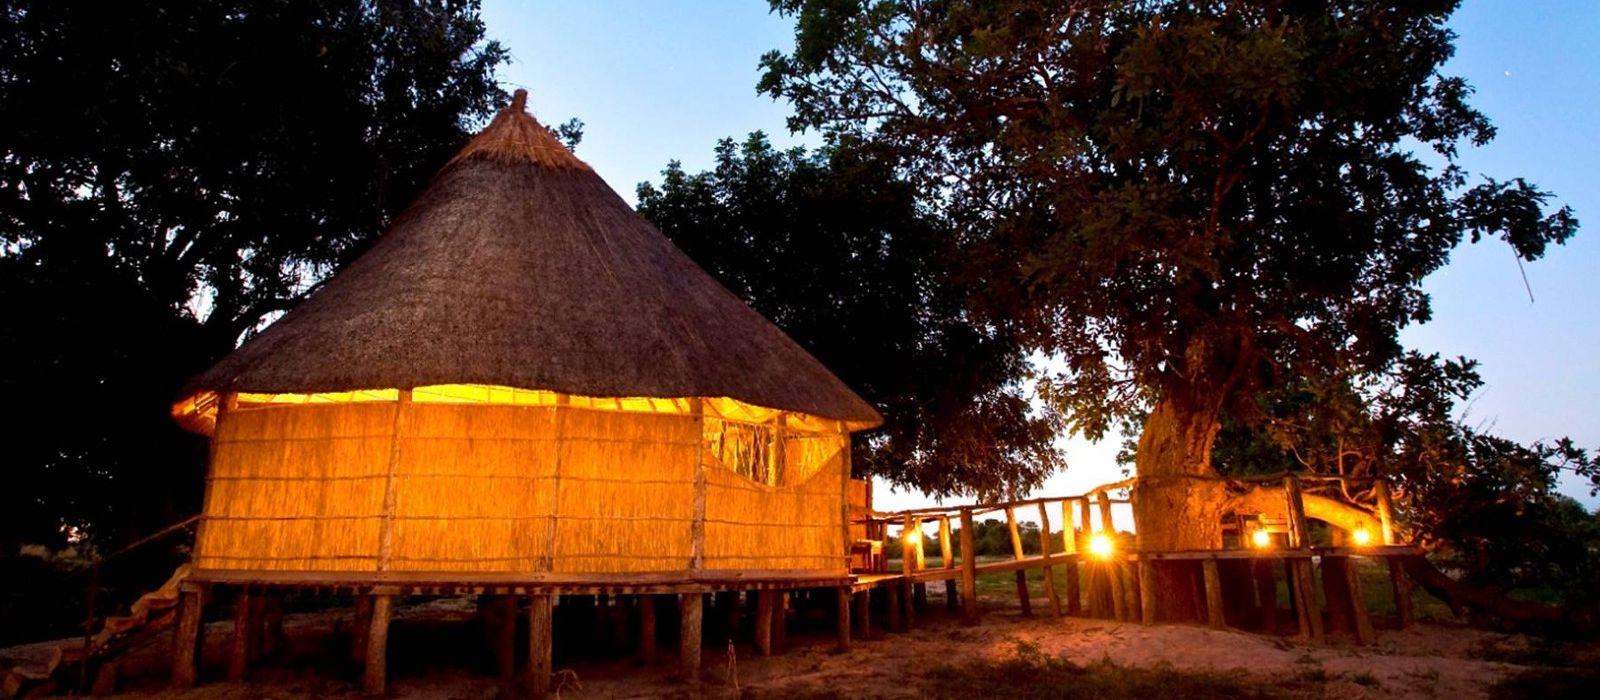 Hotel Nsolo Bush Camp Zambia